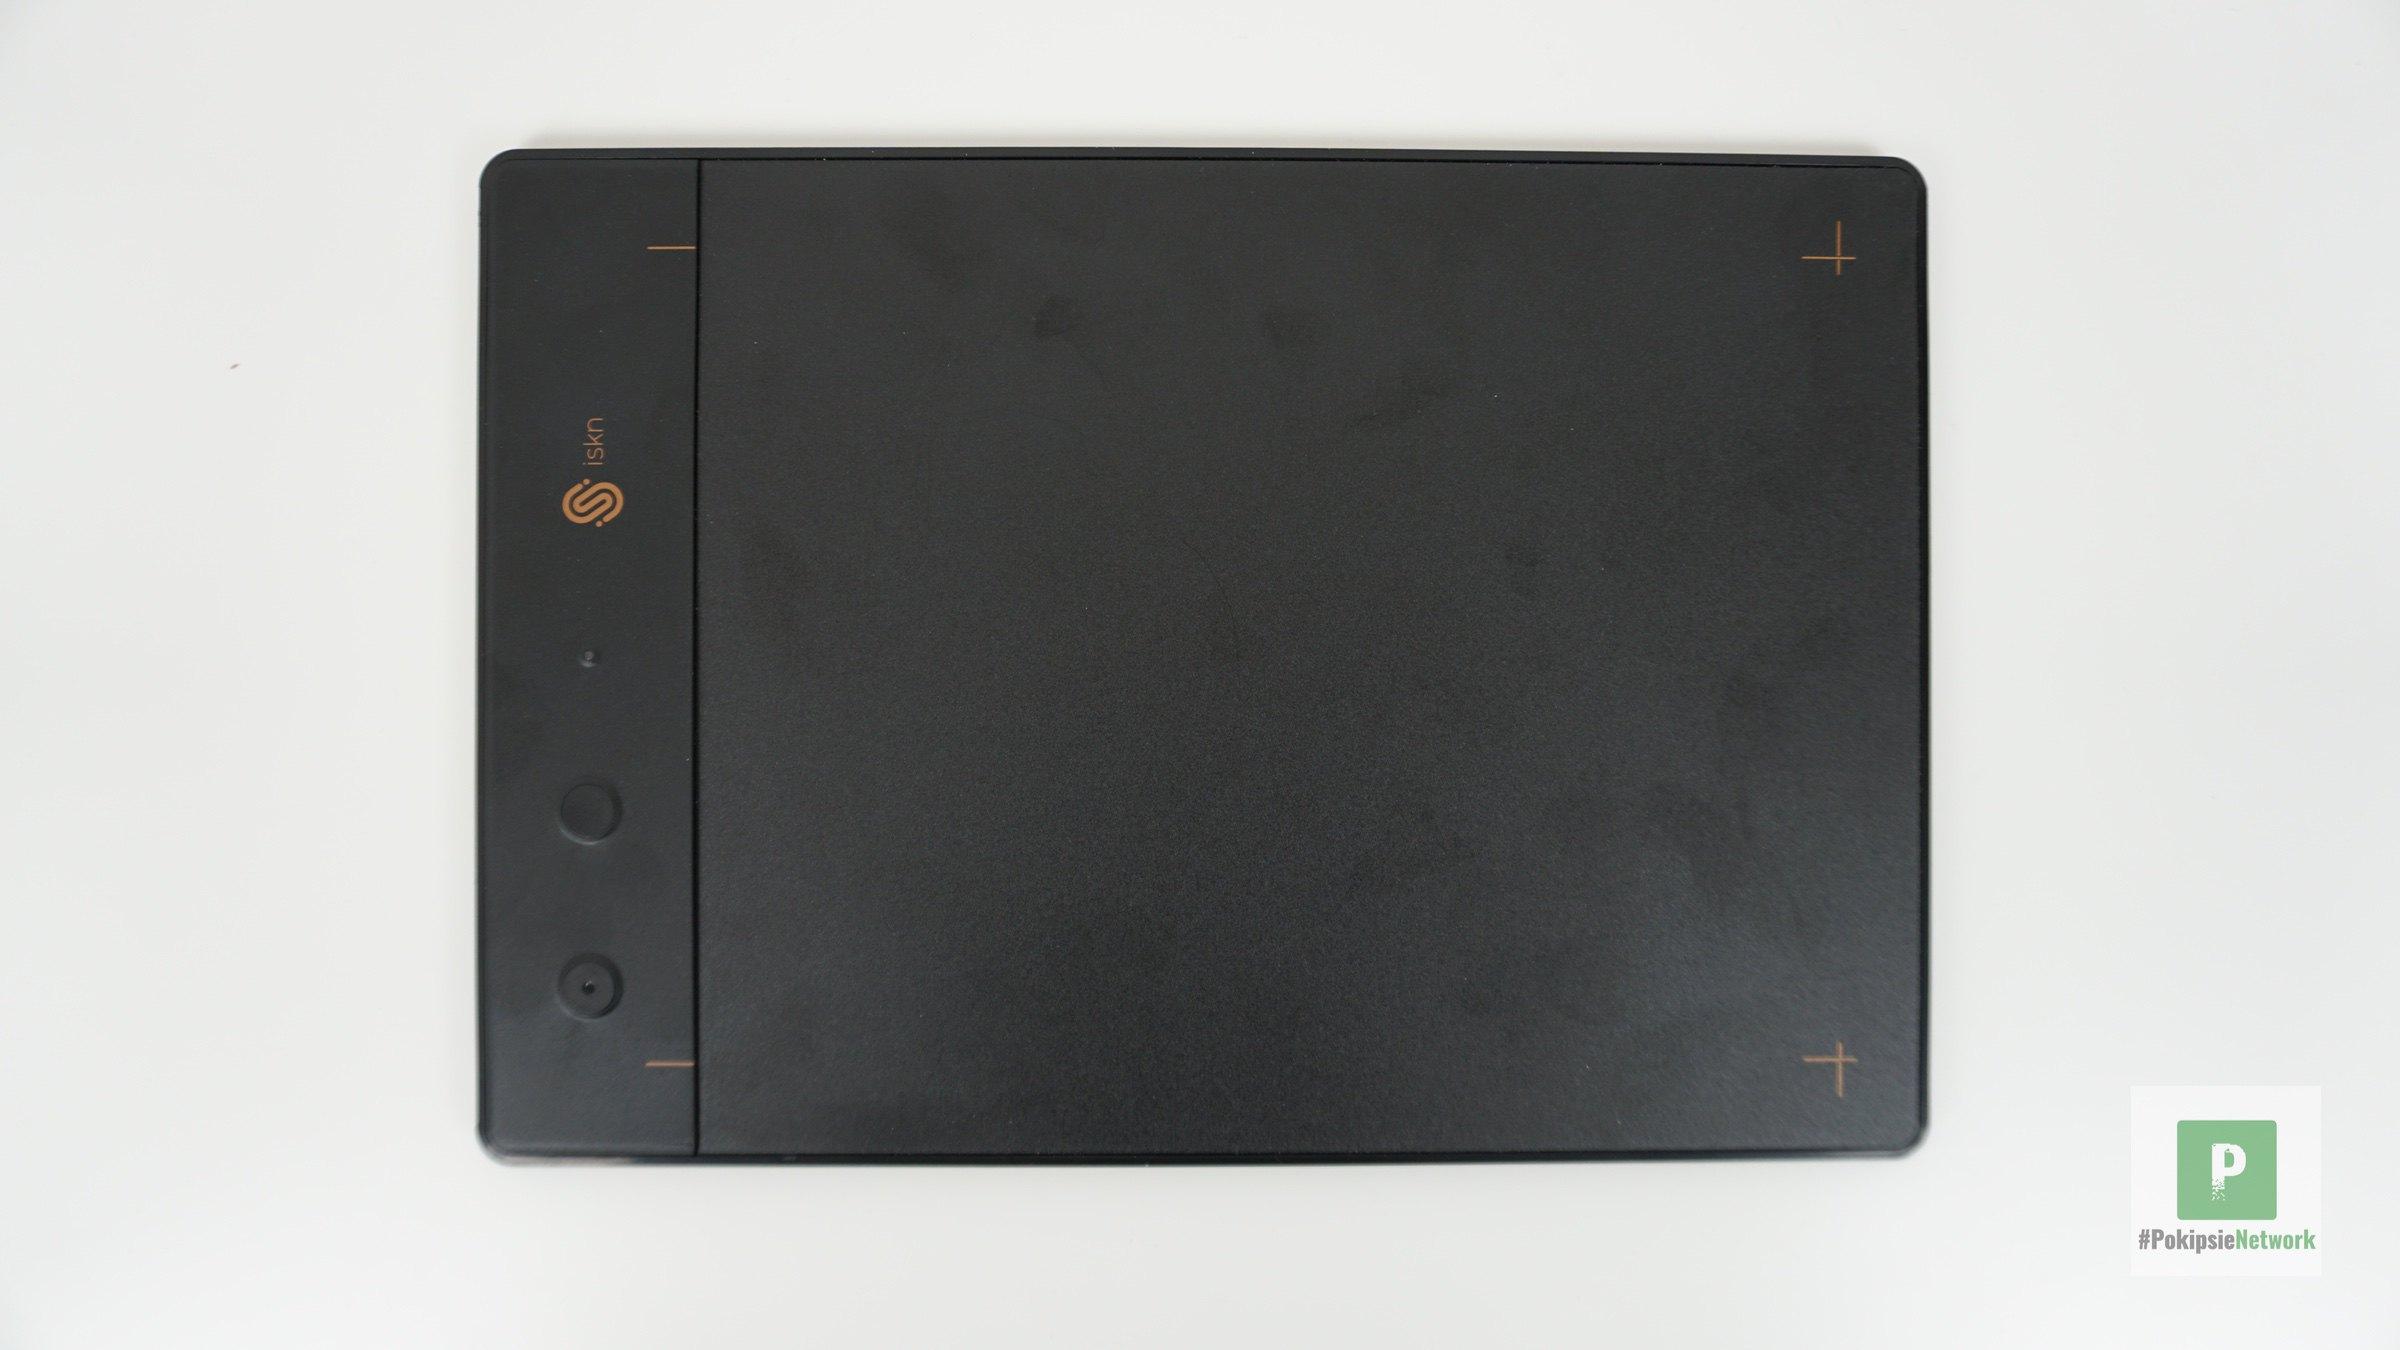 Das Tablet von oben